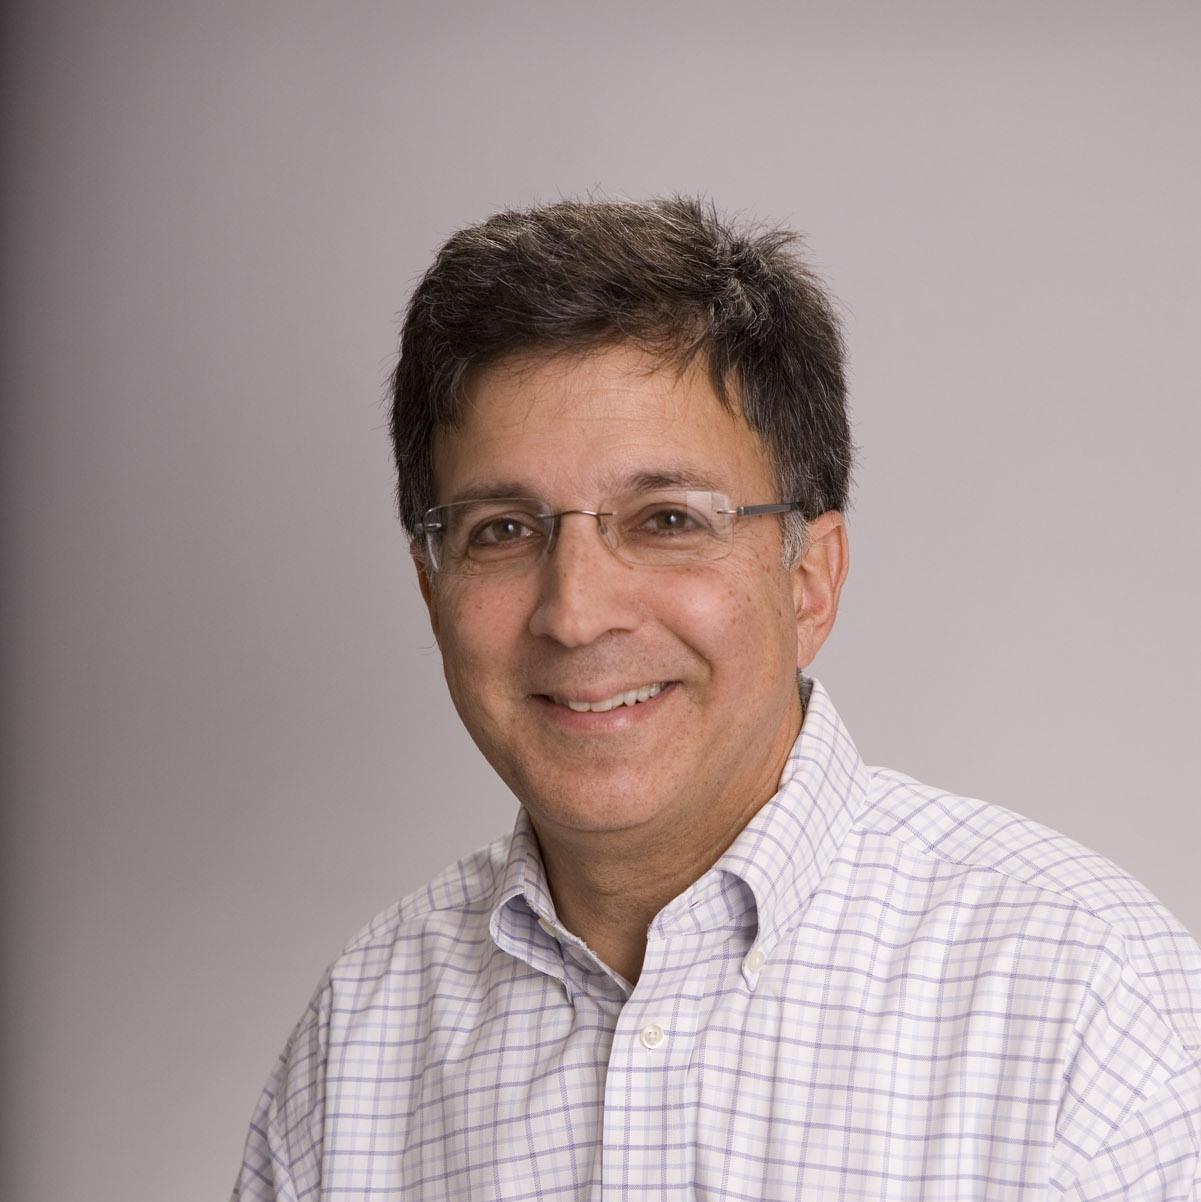 Jeremy Rawitz